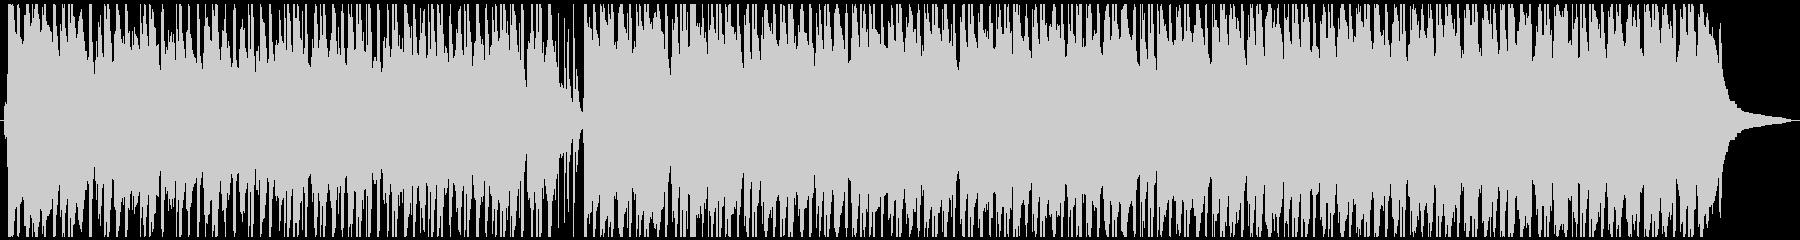 陽気なウクレレポップスの未再生の波形